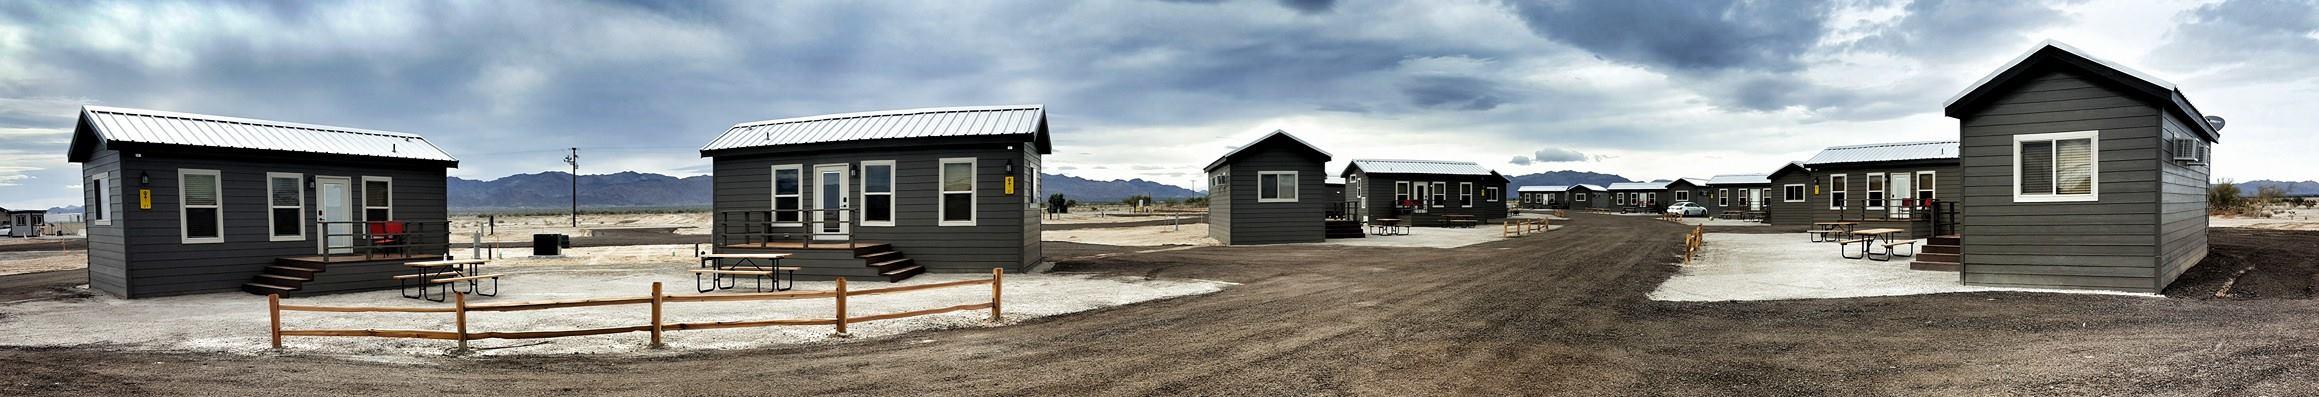 CVR Ranch